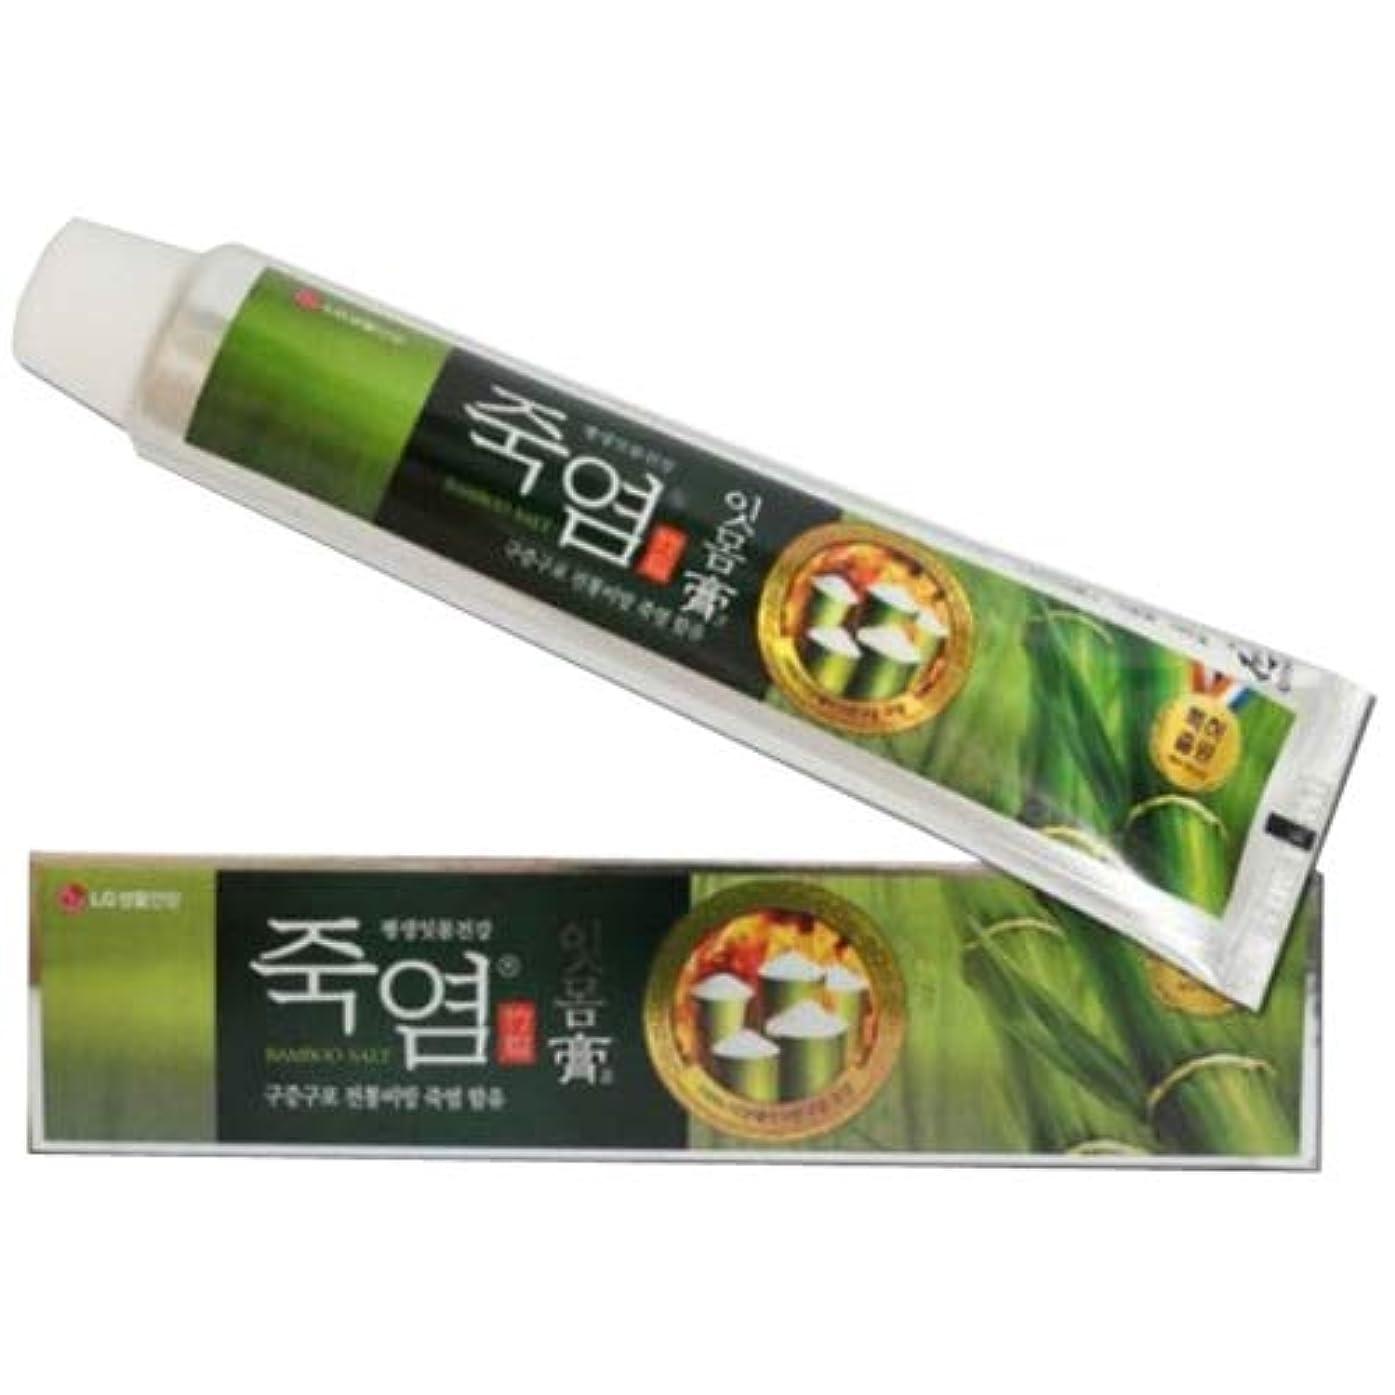 排泄する疎外ダブルLG生活健康 竹塩歯磨き粉 (歯康膏:ウンガンゴ)(120gx3個) 歯肉炎の予防 歯茎の出血予防